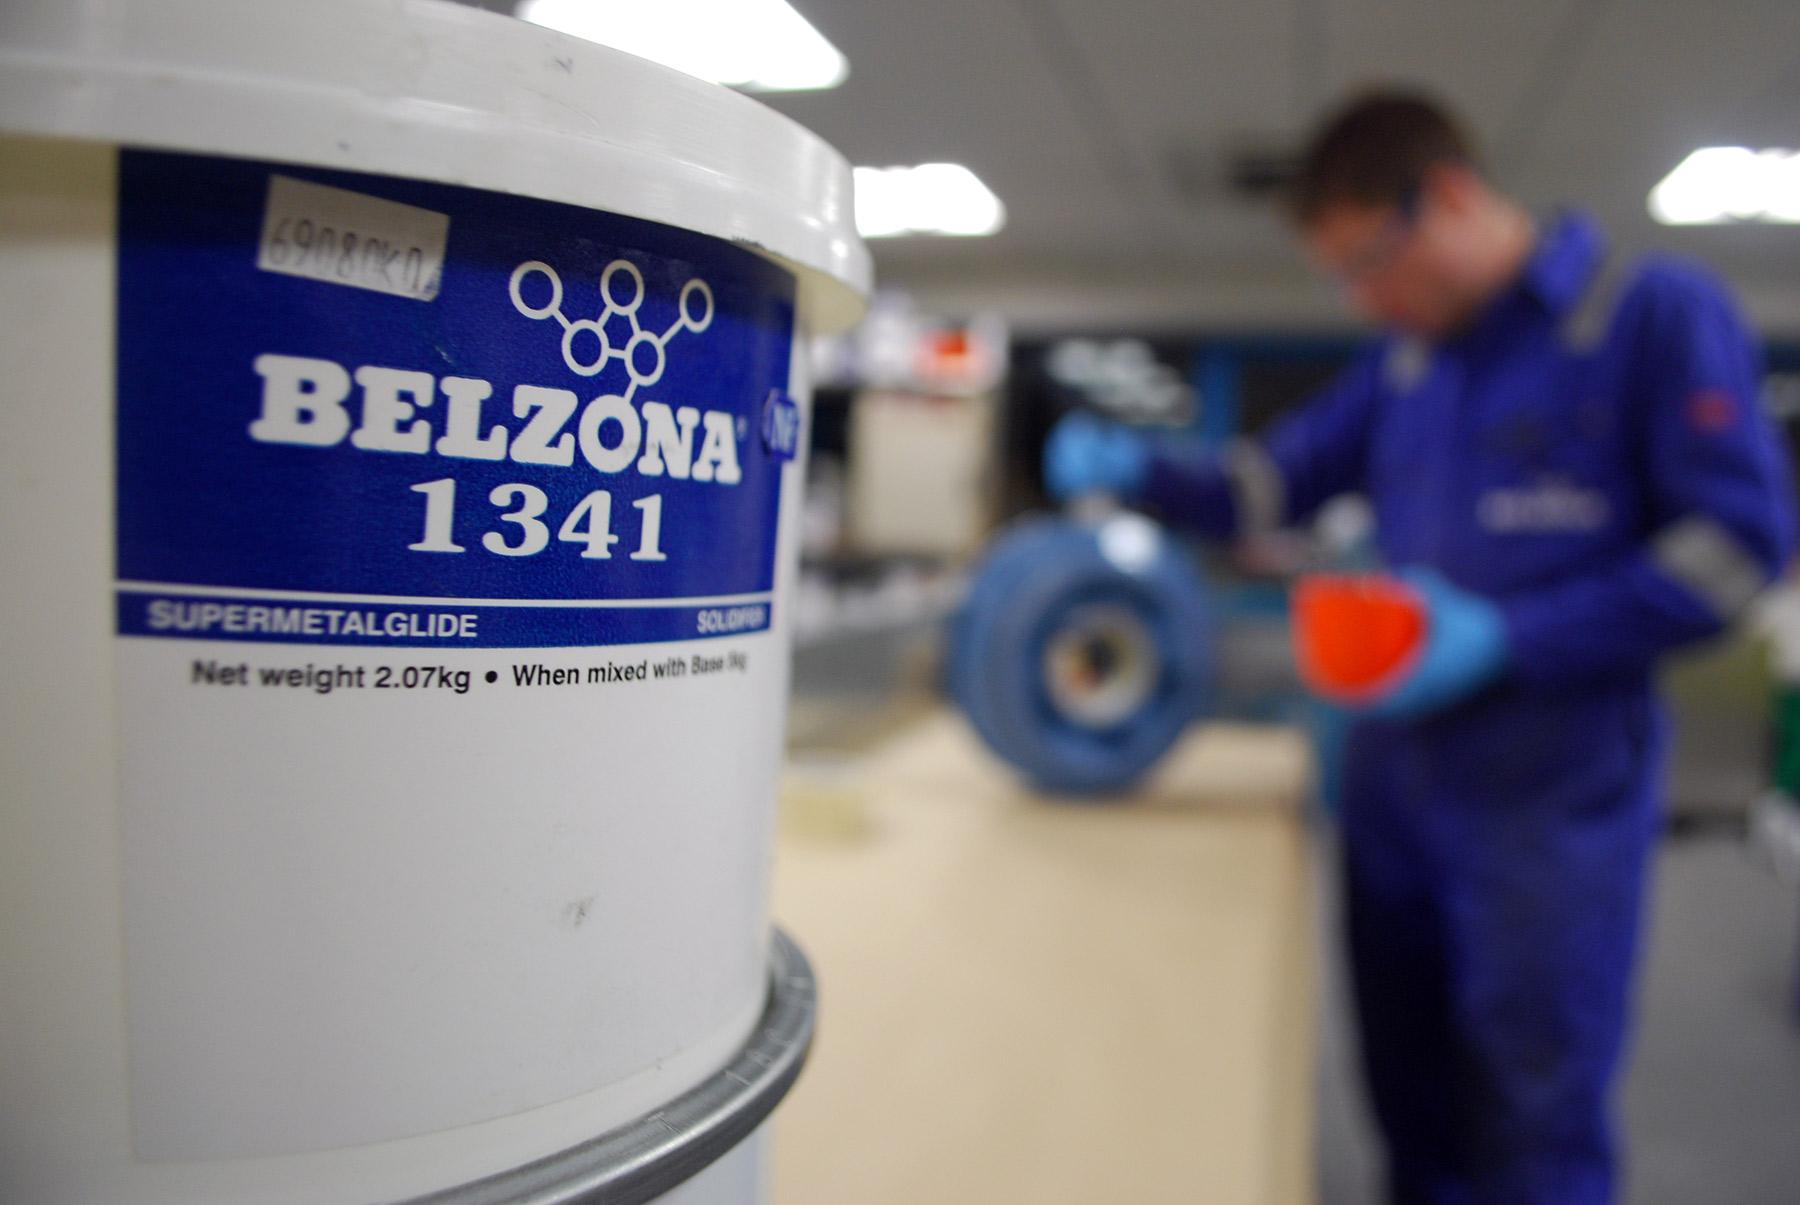 Belzona 1341 (Supermetalglide) epoxy premaz za povečanje efkasnosti pumpi, cijevovoda, ventila i druge protočne opreme iznimne zaštitu od erozije i korozije